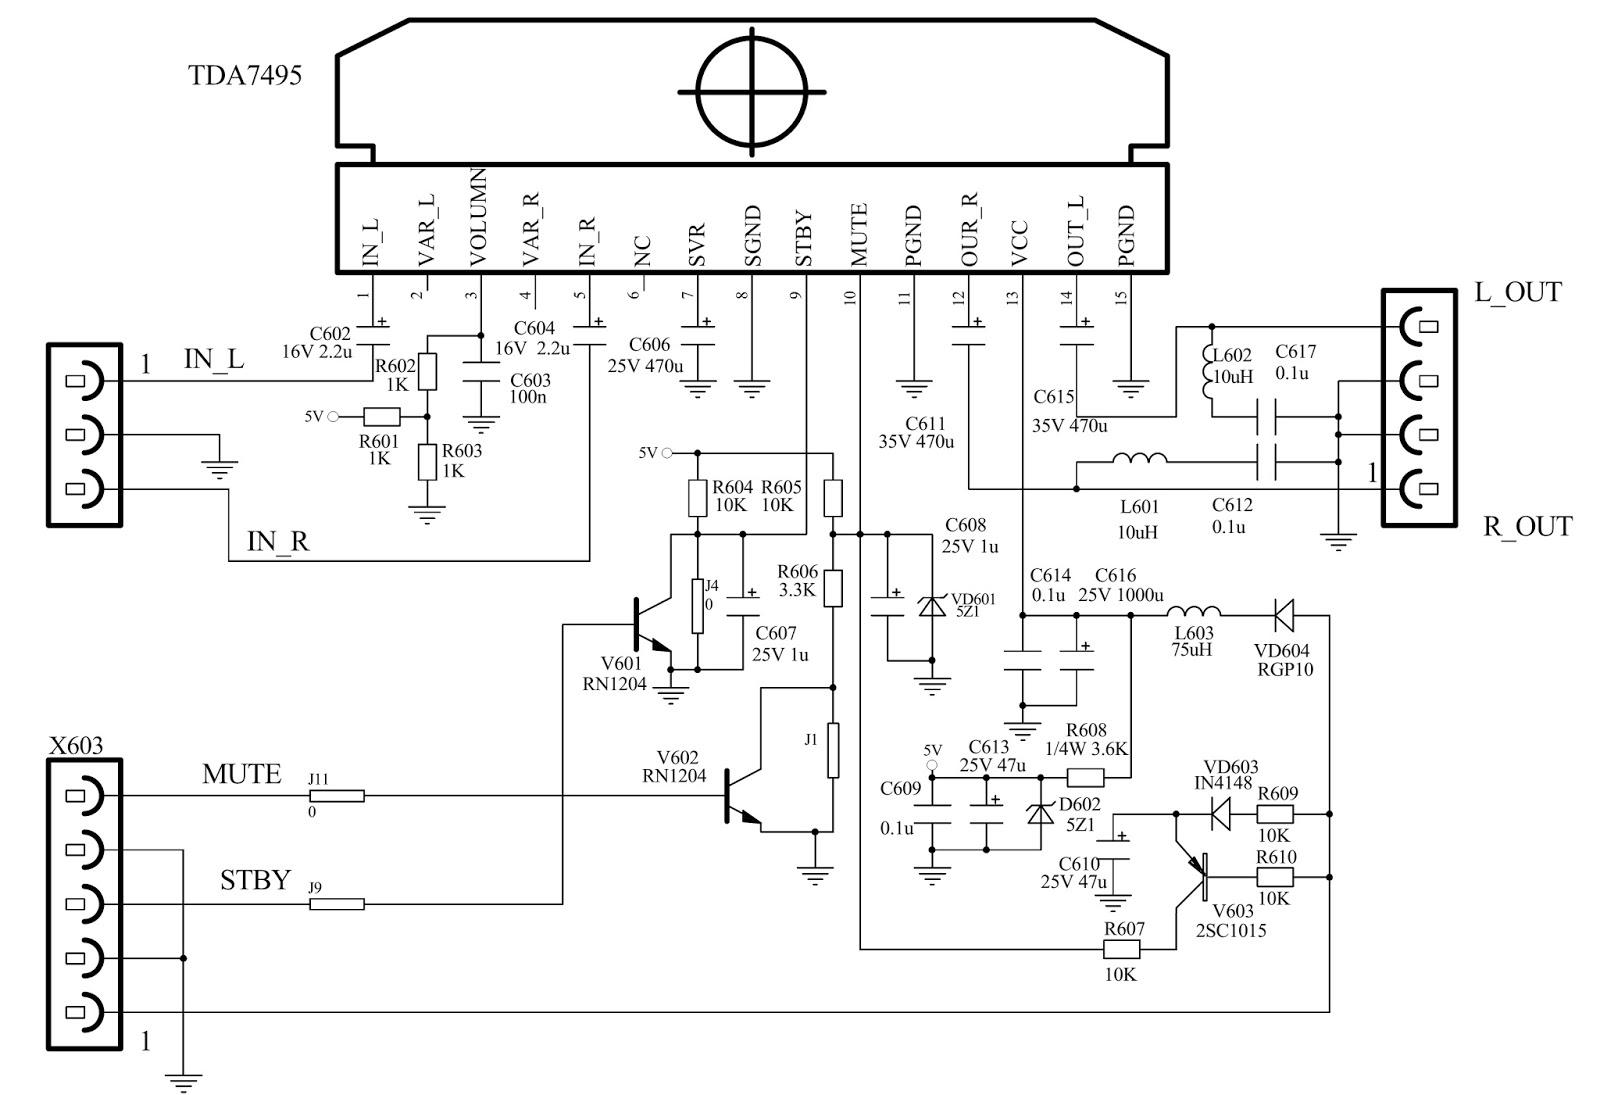 t con board schematic diagram